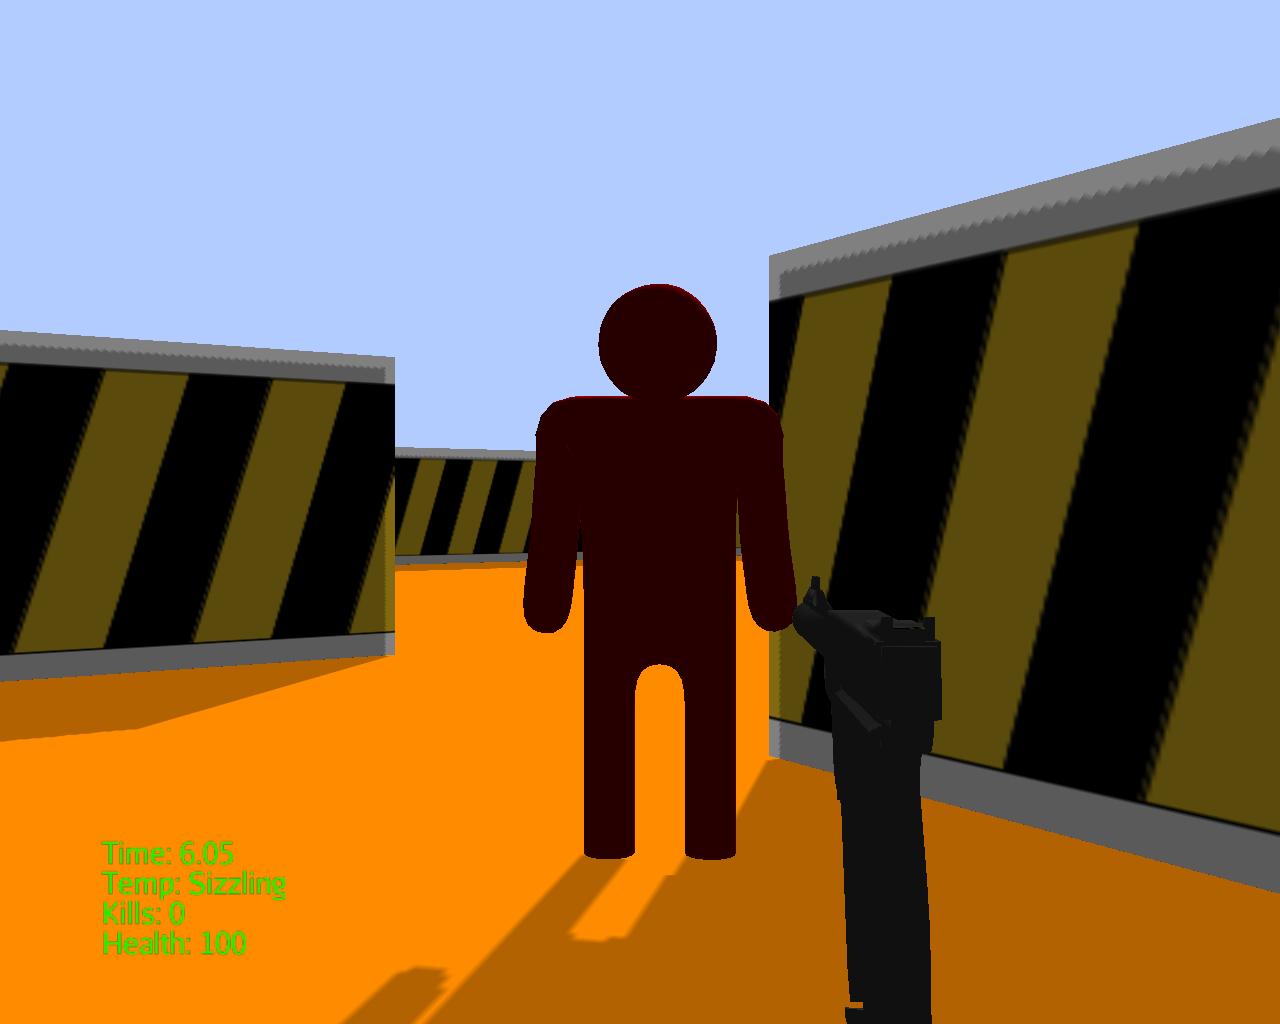 maze game shot 1